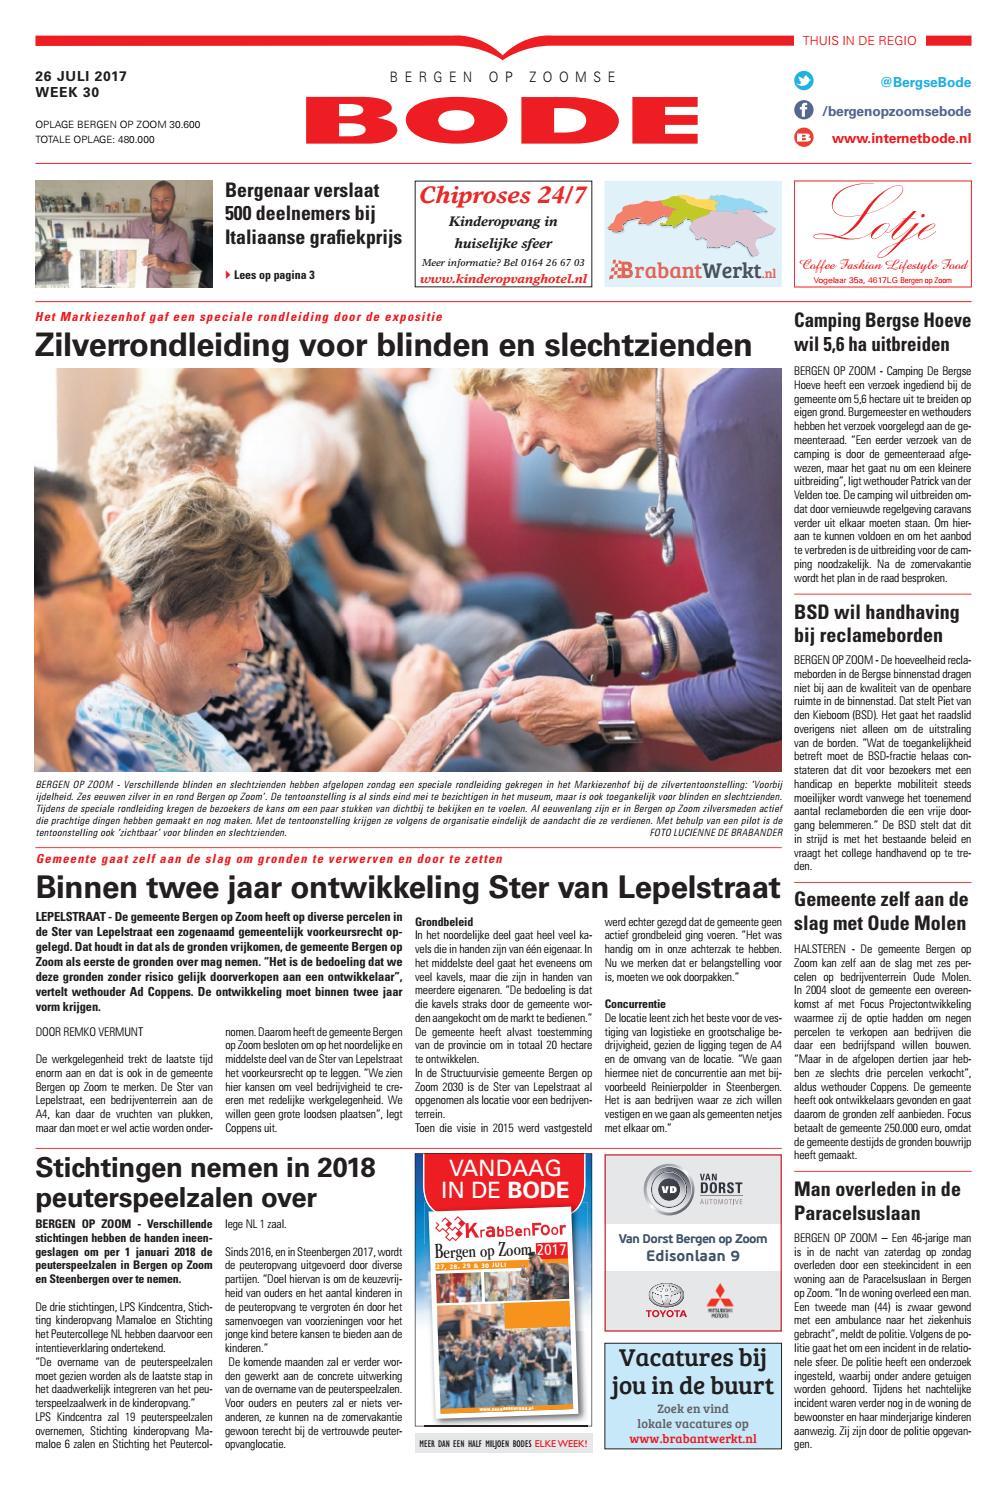 Bergen op Zoomse Bode 26-07-2017 by Uitgeverij de Bode - issuu 8bc6990180